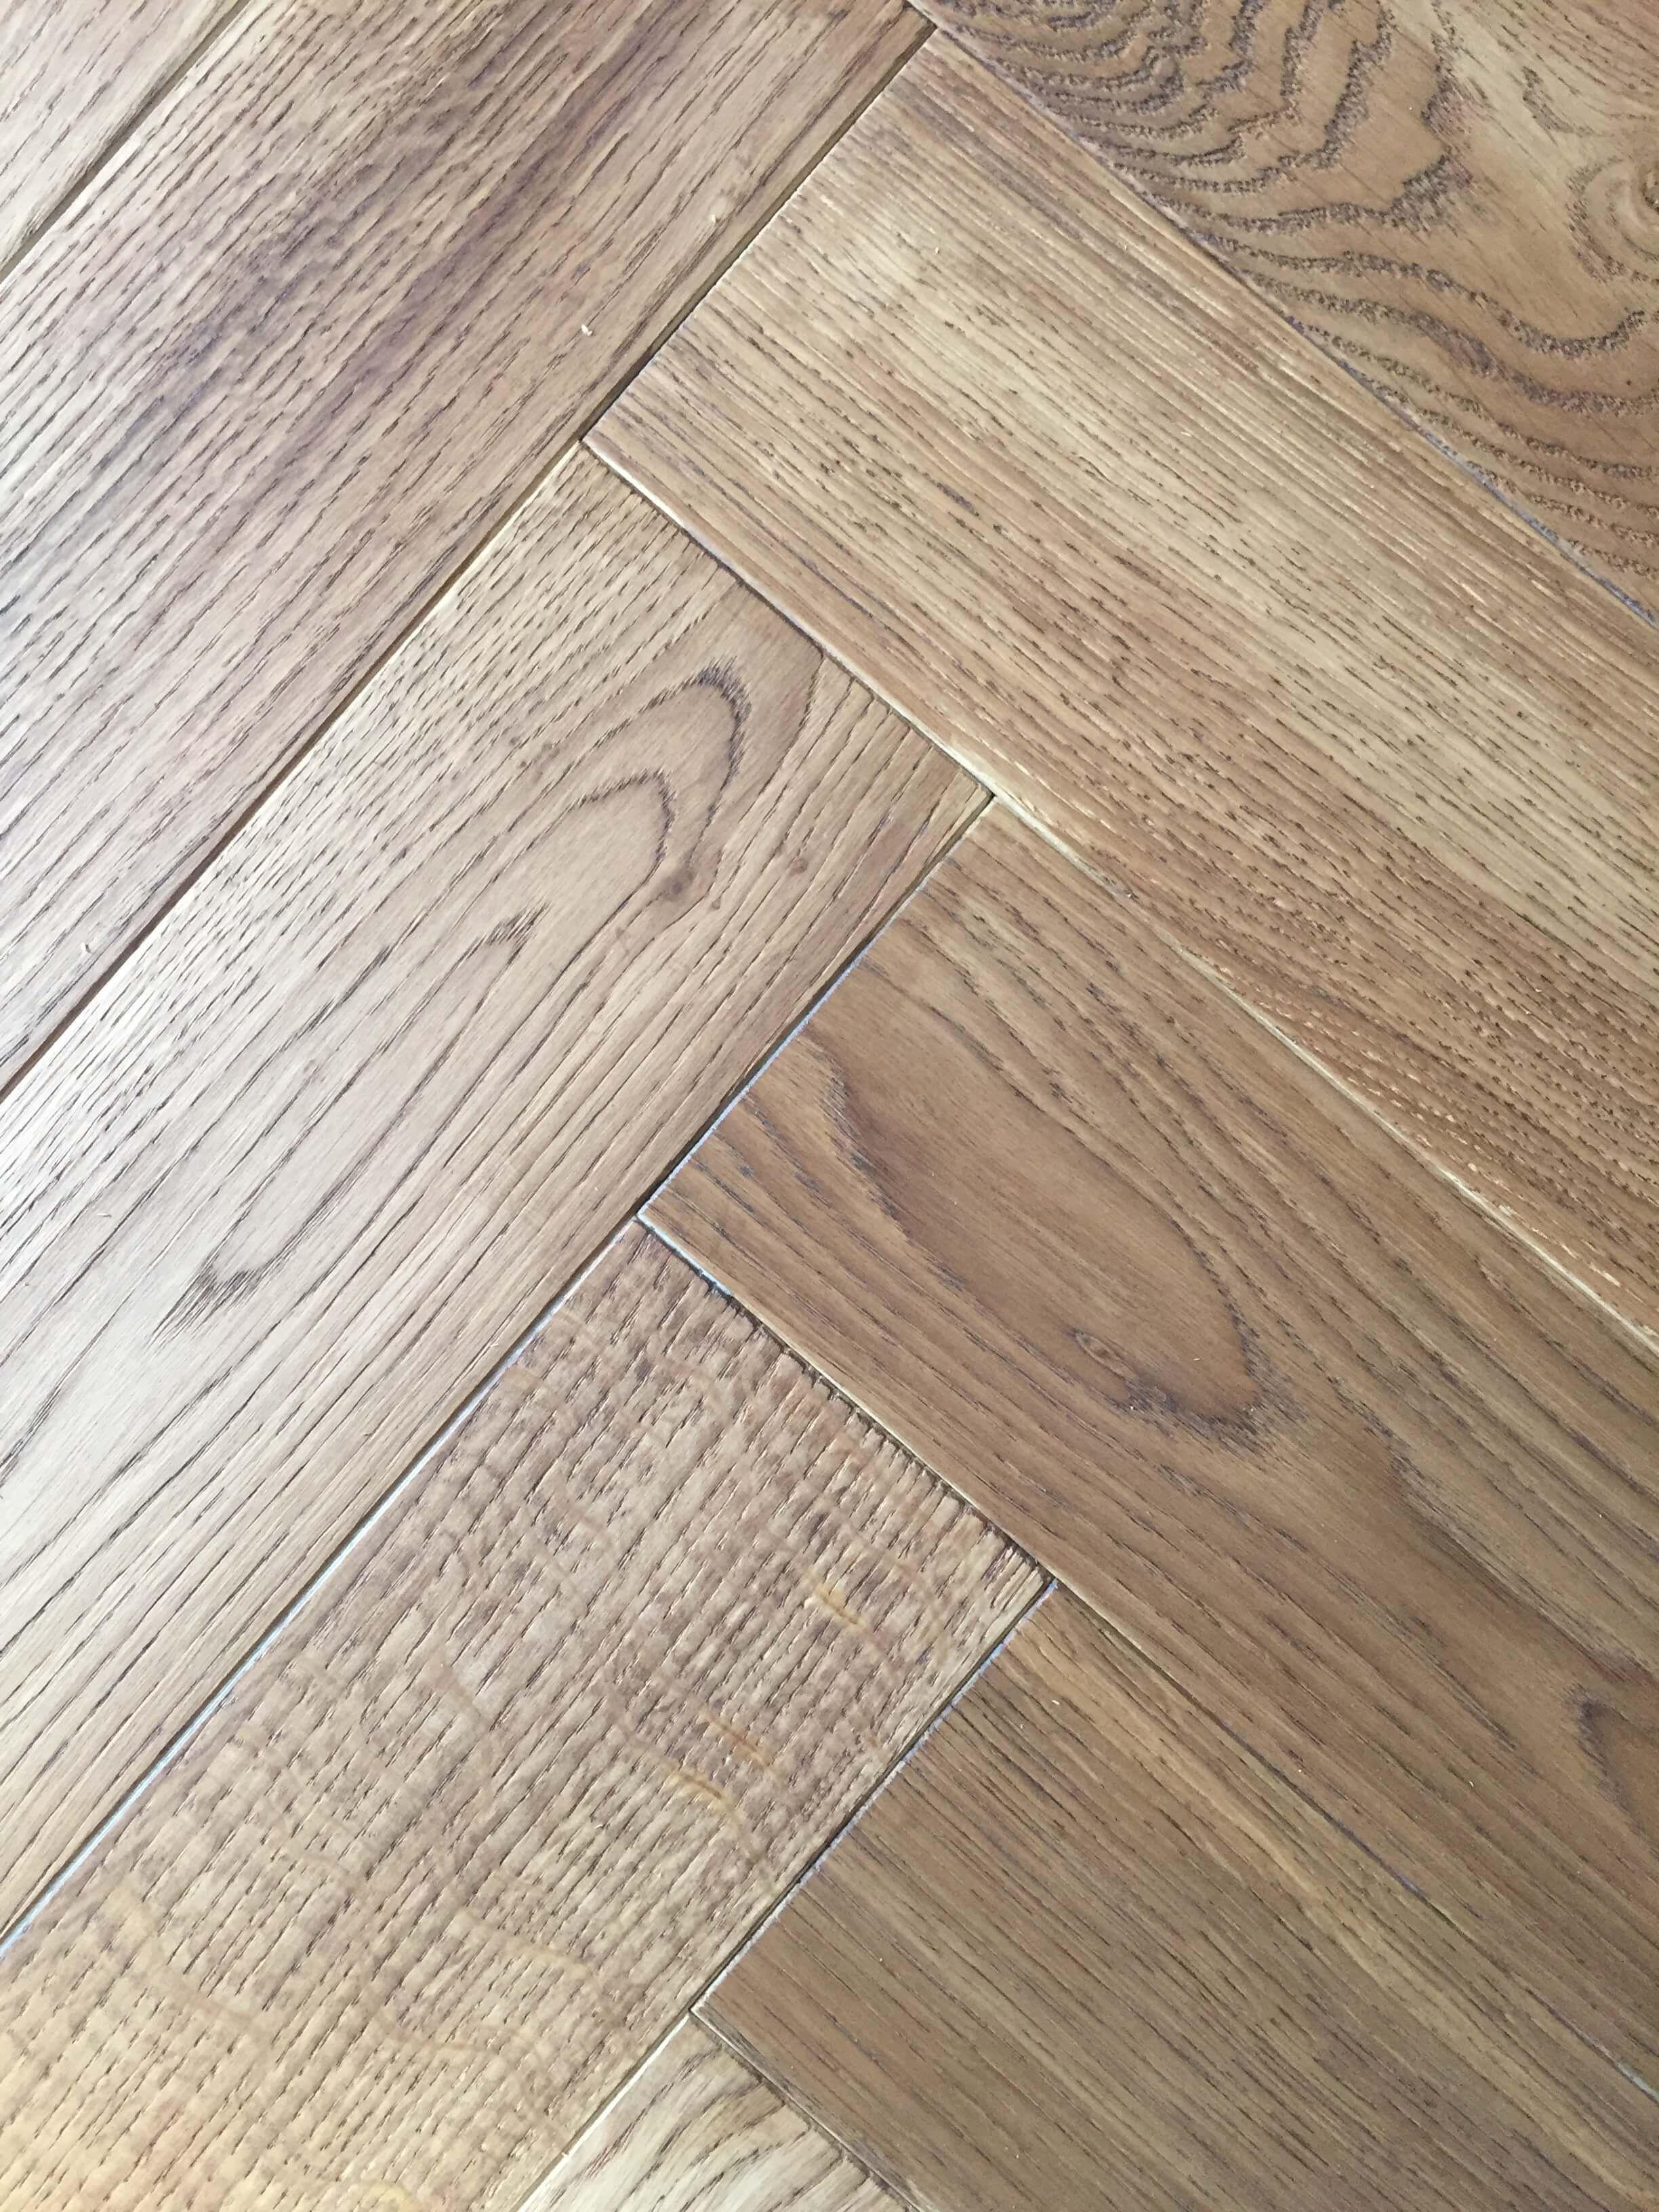 brushed white oak hardwood flooring of engineered wood flooring hard wearing wood floor finish floor plan with 40 light oak engineered hardwood flooring ideas